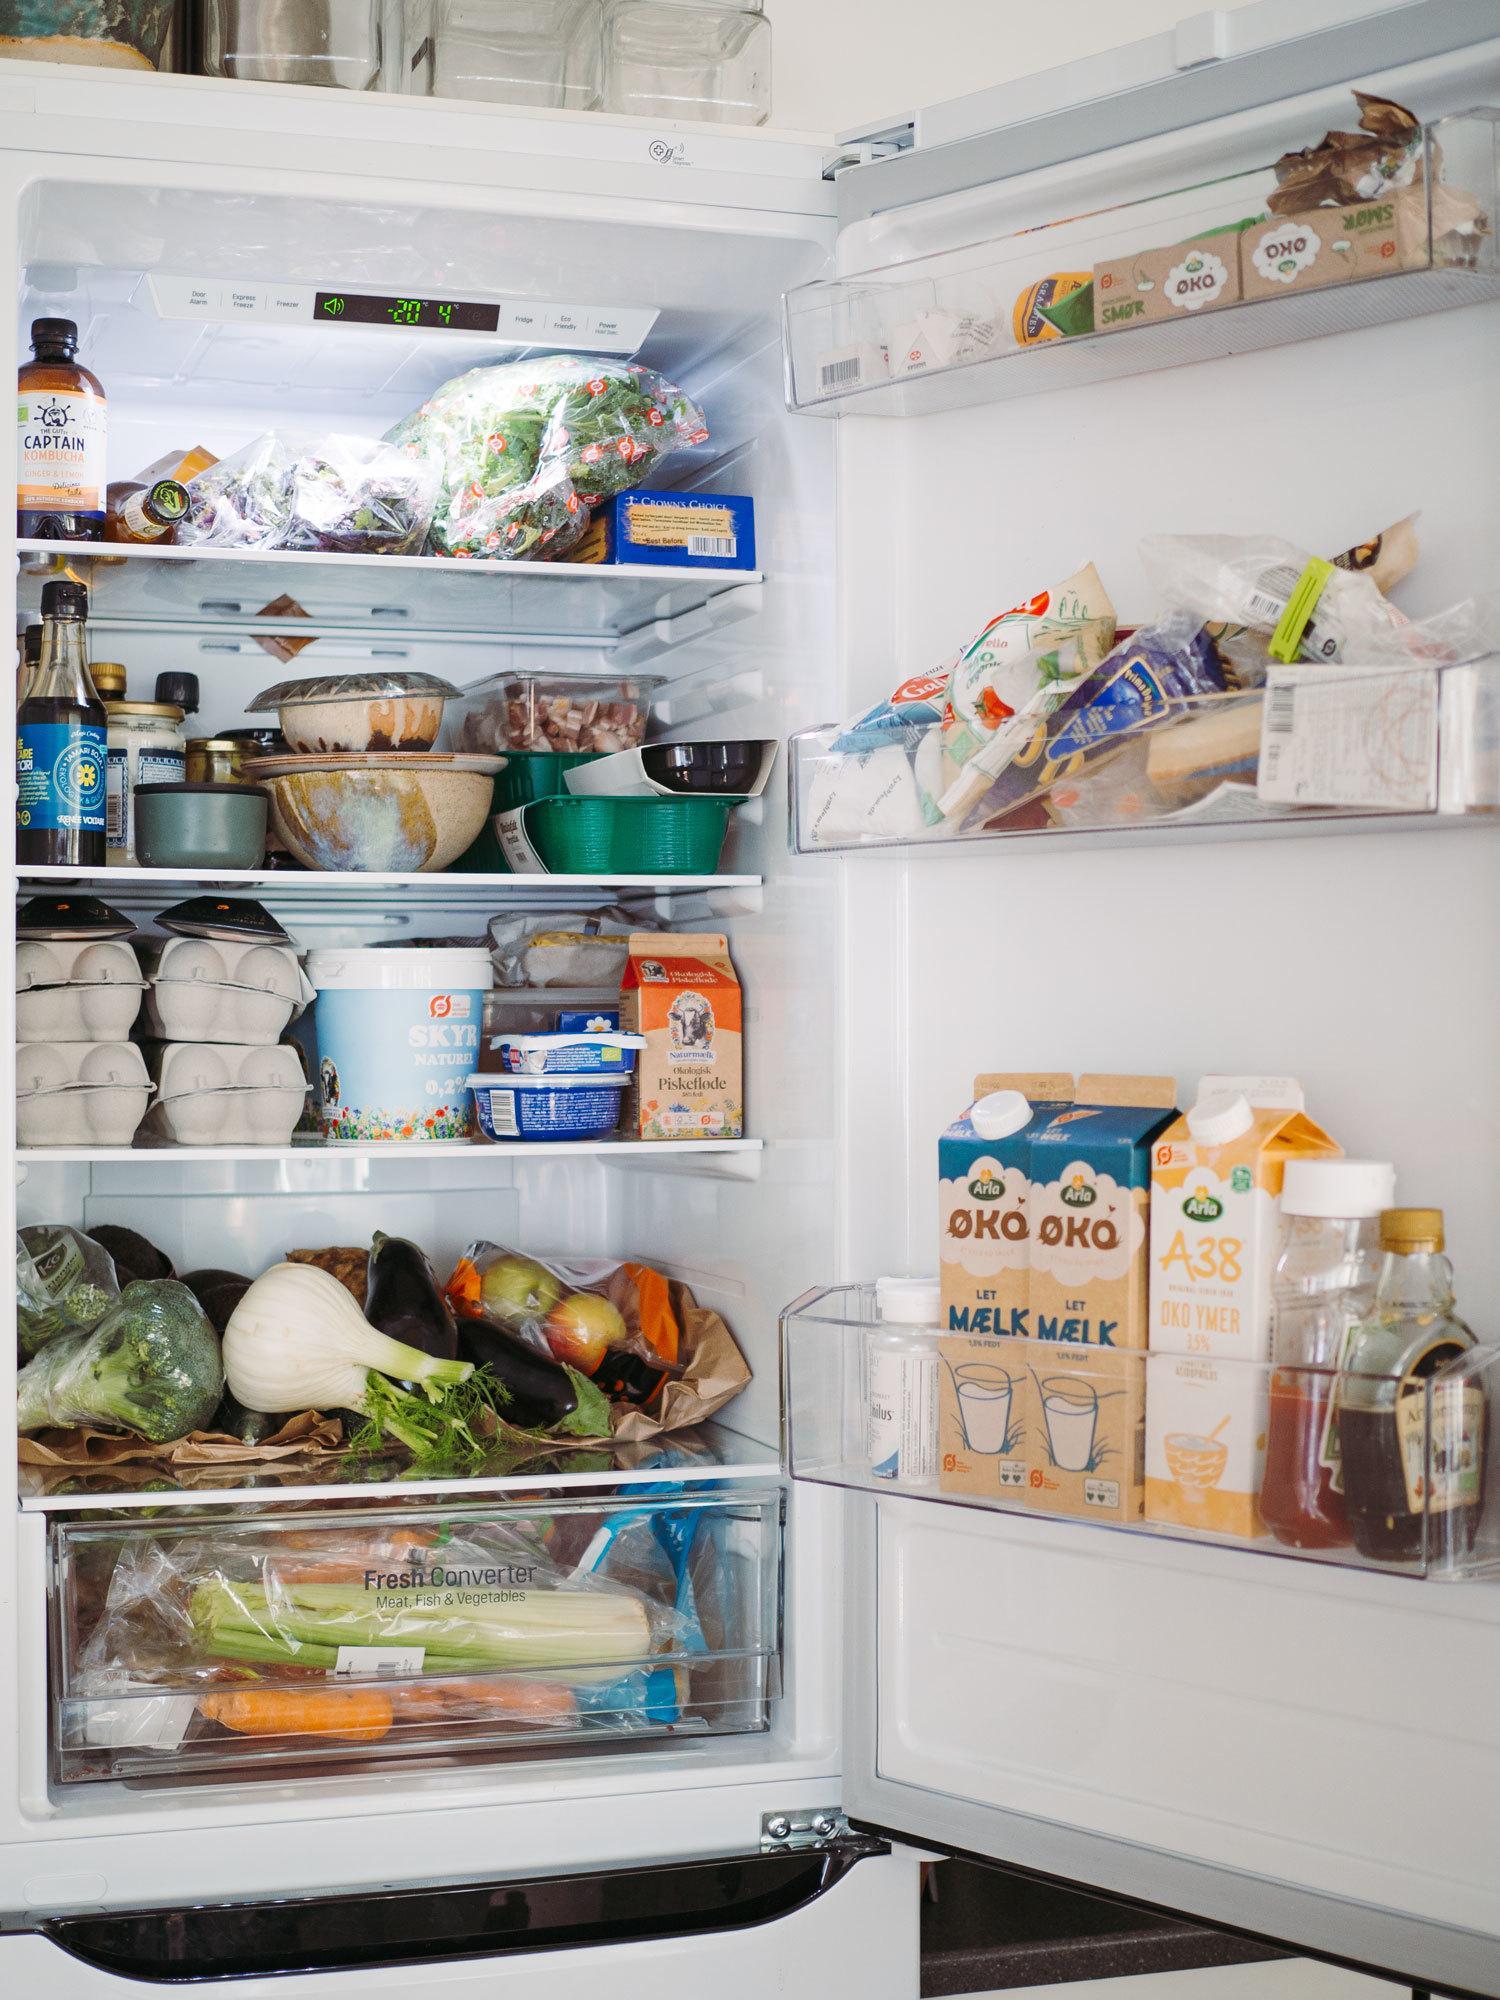 Vis mig dit køleskab: Emma Martiny